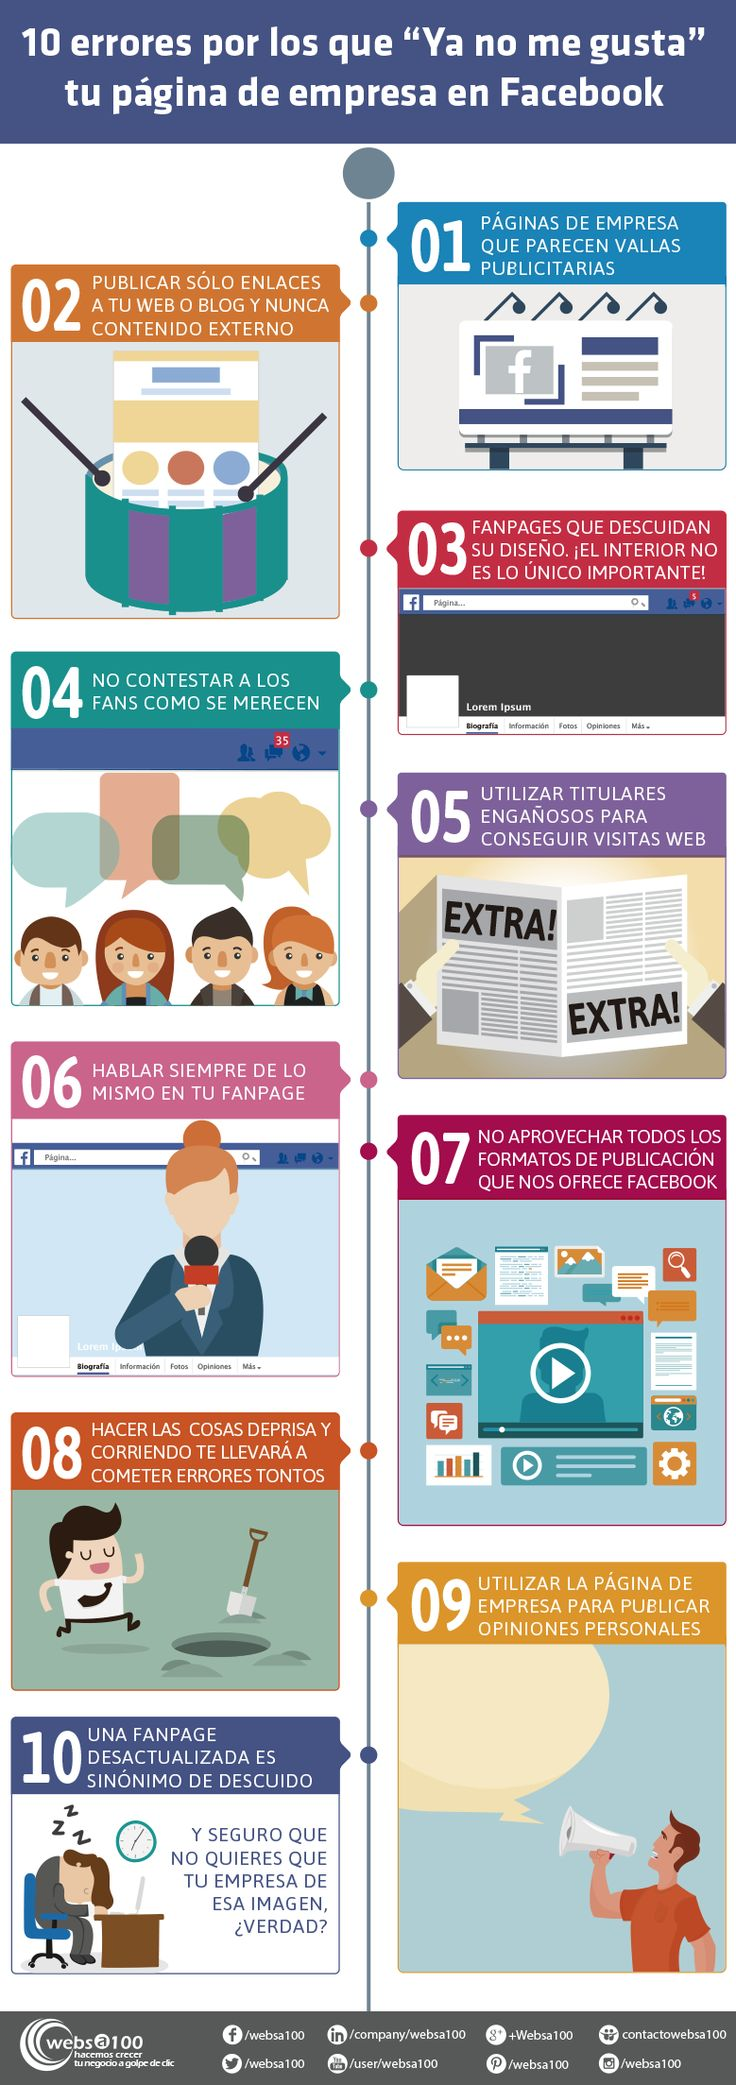 """10 errores por lo s que """"Ya no me gusta"""" tu página de empresa de Facebook. Infografía en español. #CommunityManager"""